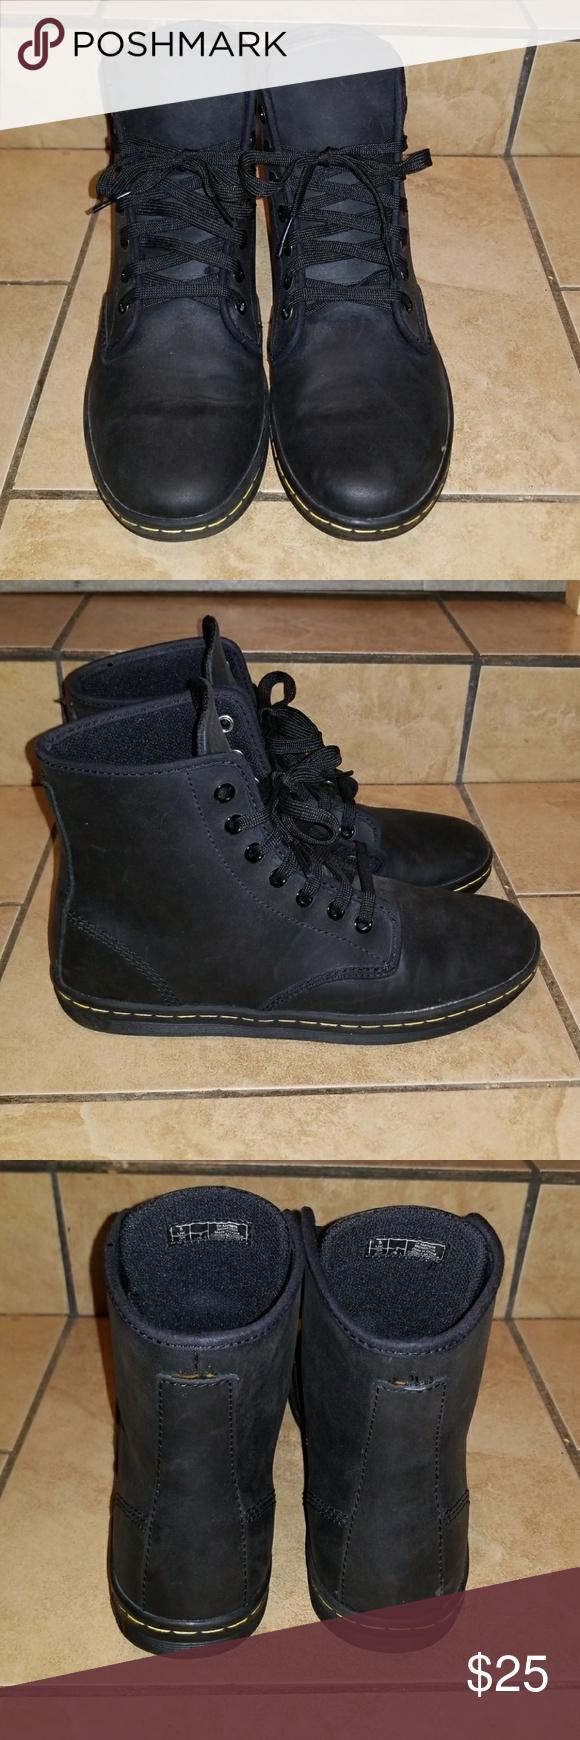 5b4de7d536 Doc Martens Black leather